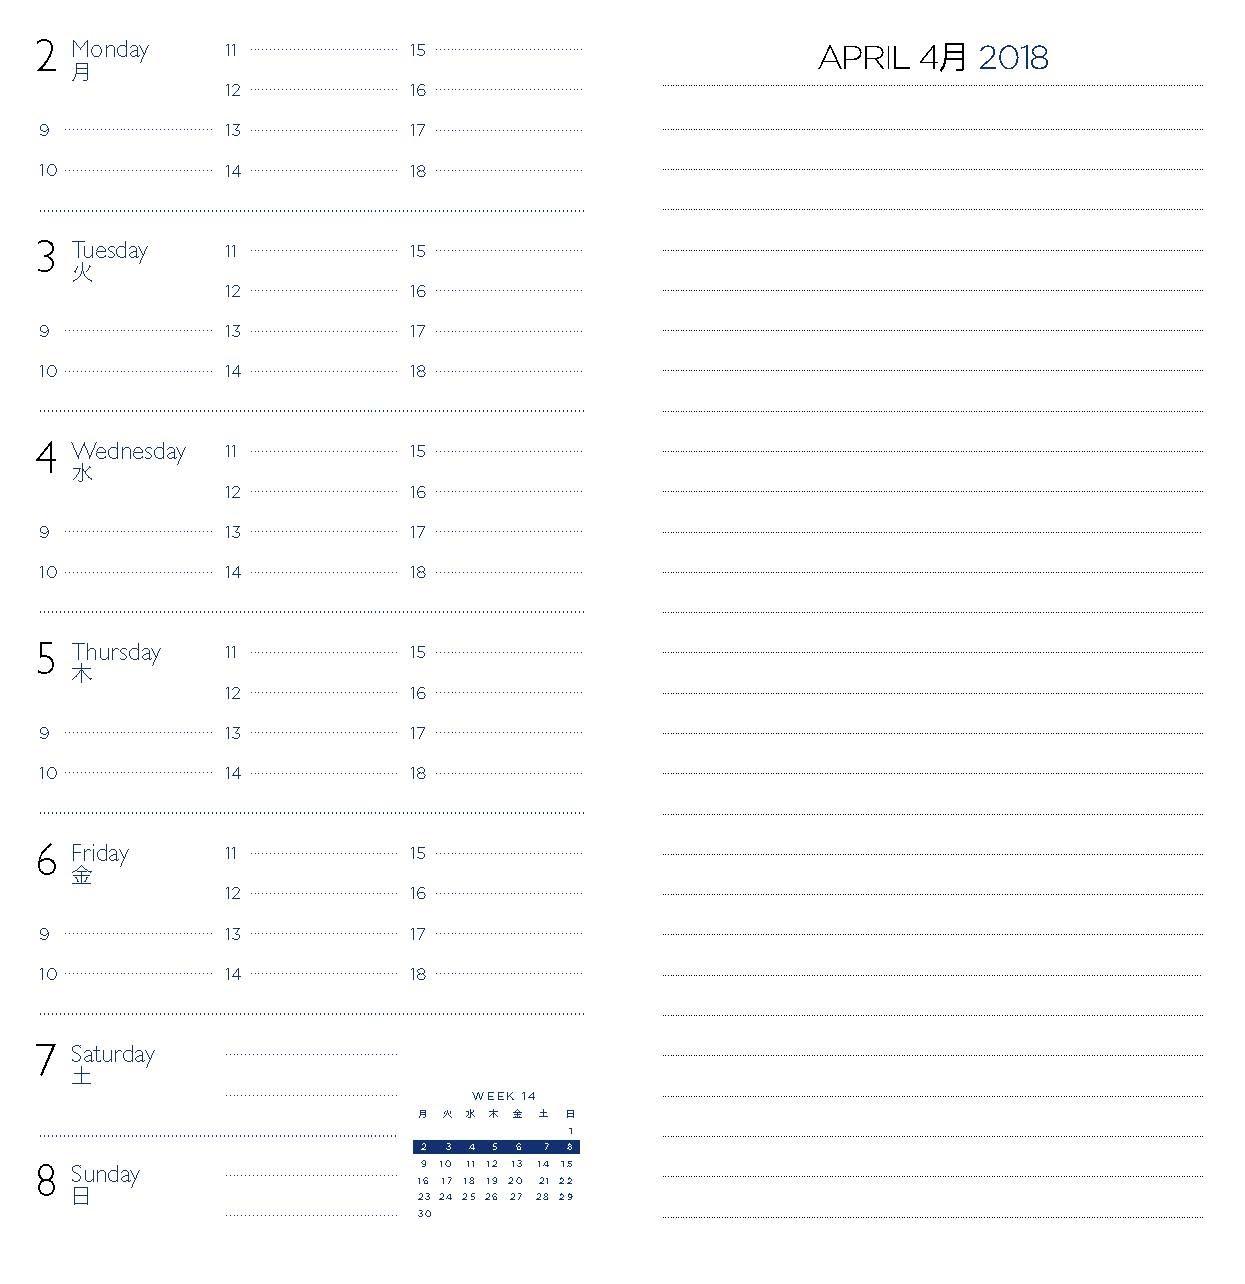 08.16 ダイアリー2018 4月始まり 週間レフト